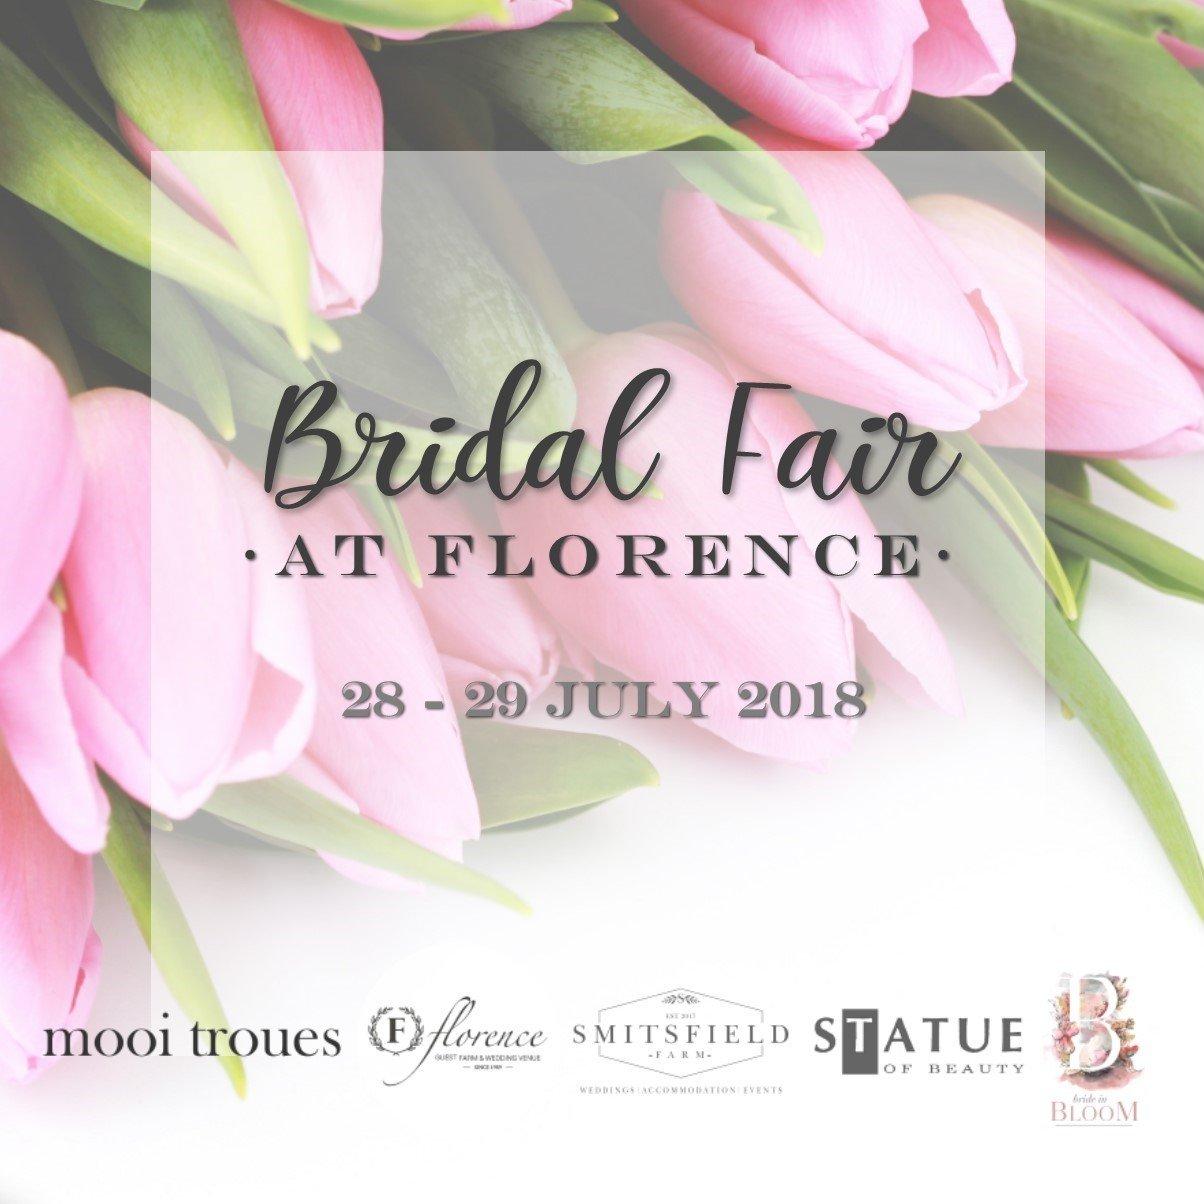 Bridal Fair at Florence - Entrance (28 - 29 July 2018) 00001